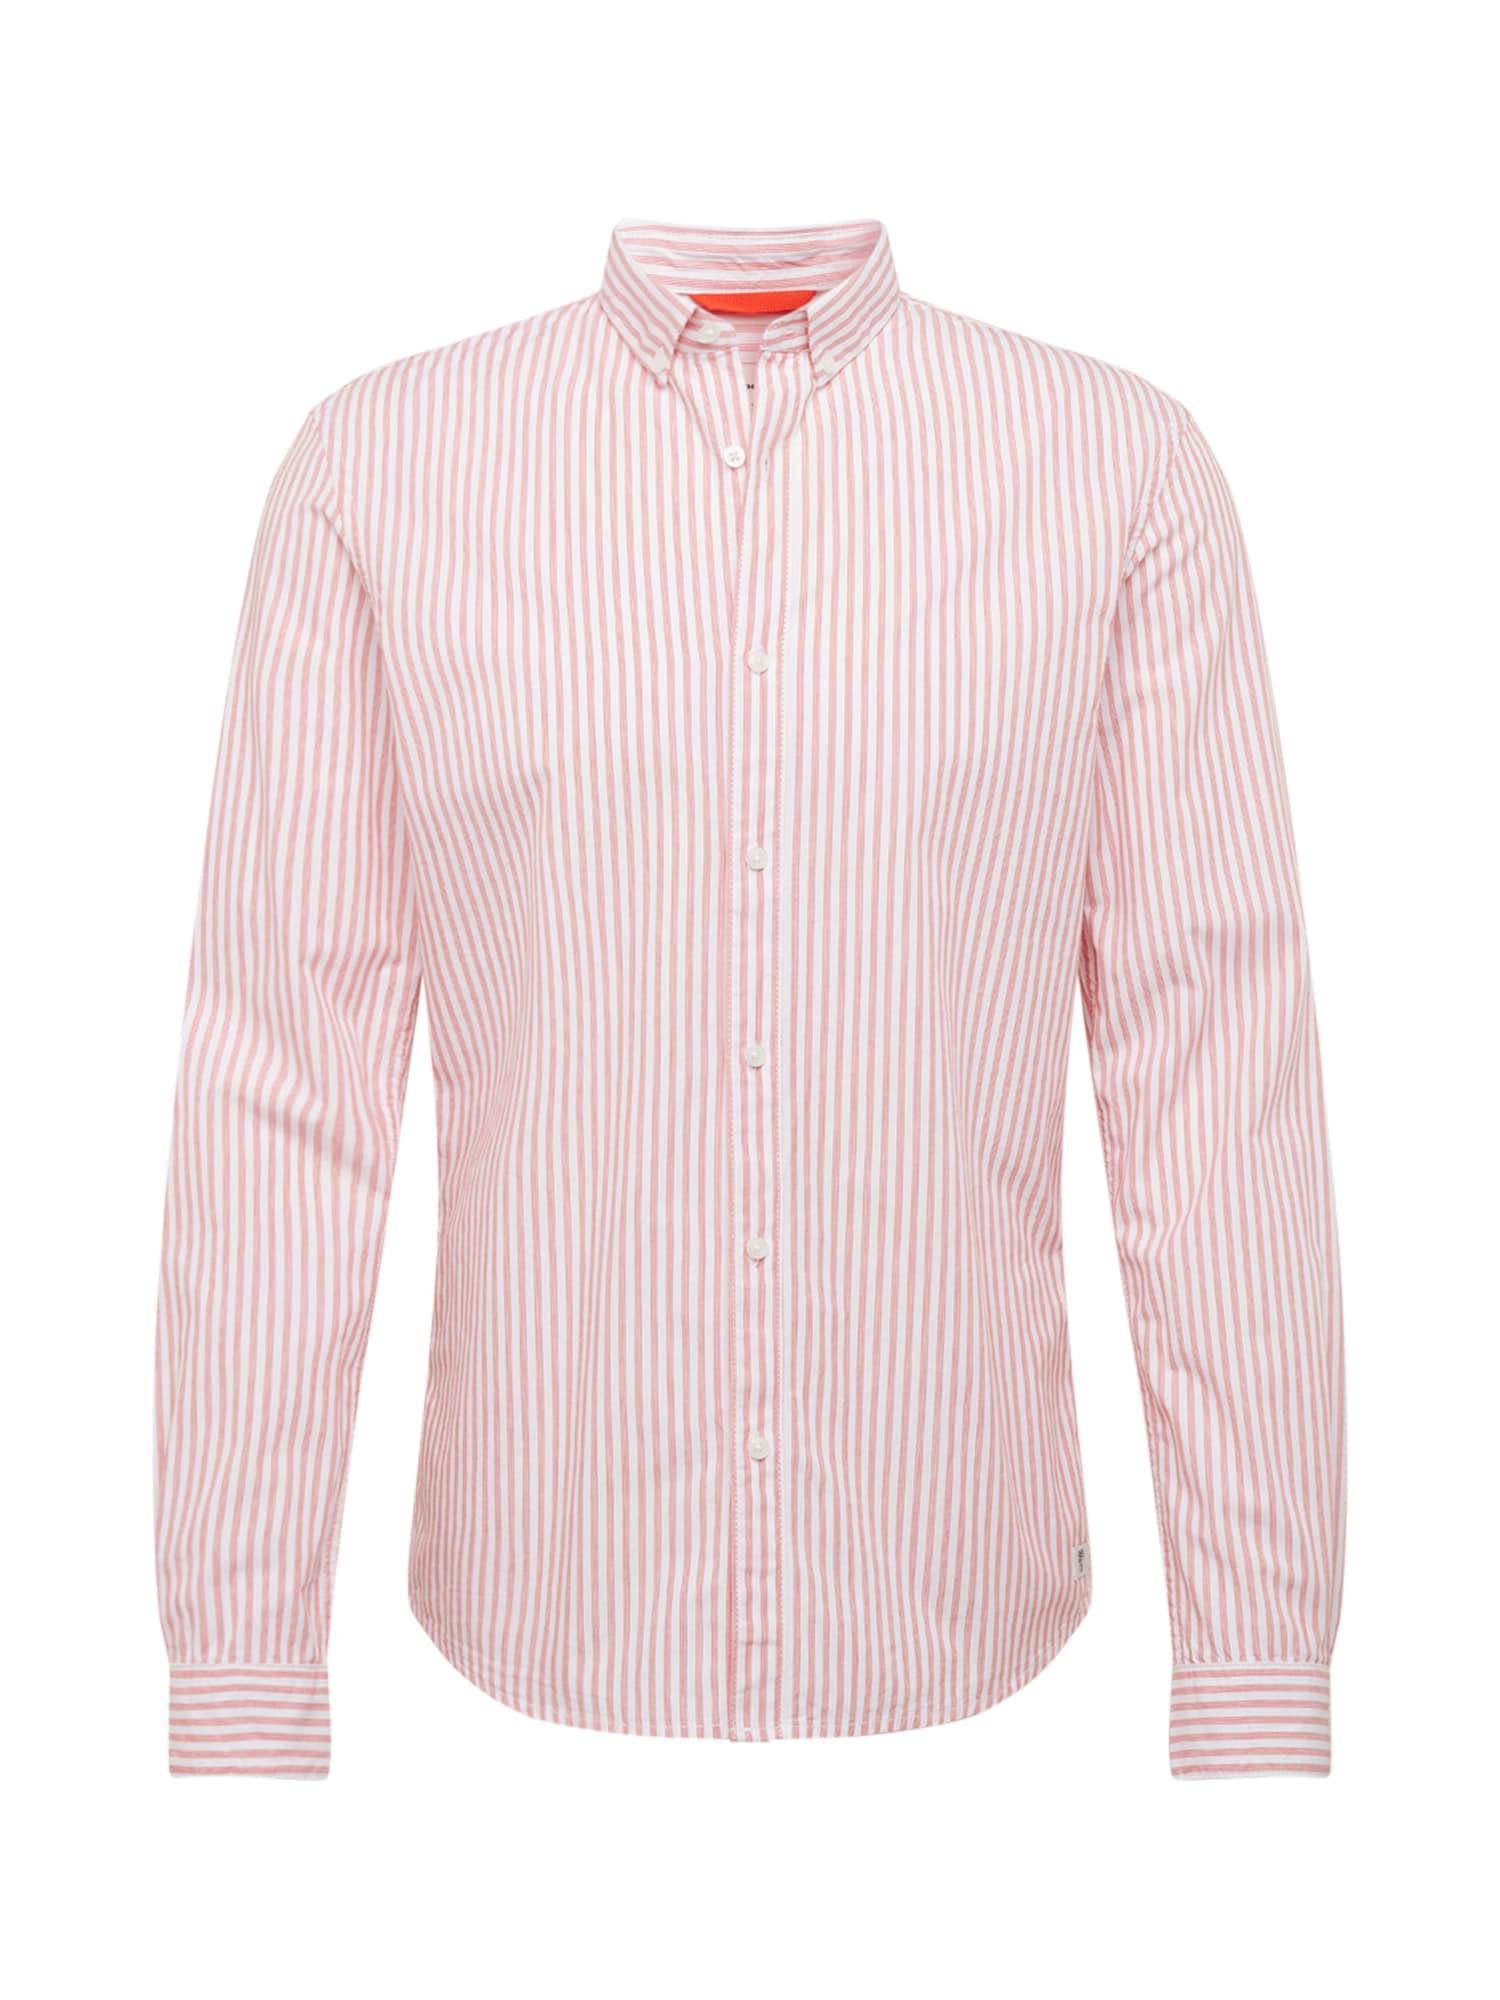 TOM TAILOR DENIM Košeľa  červené / biela